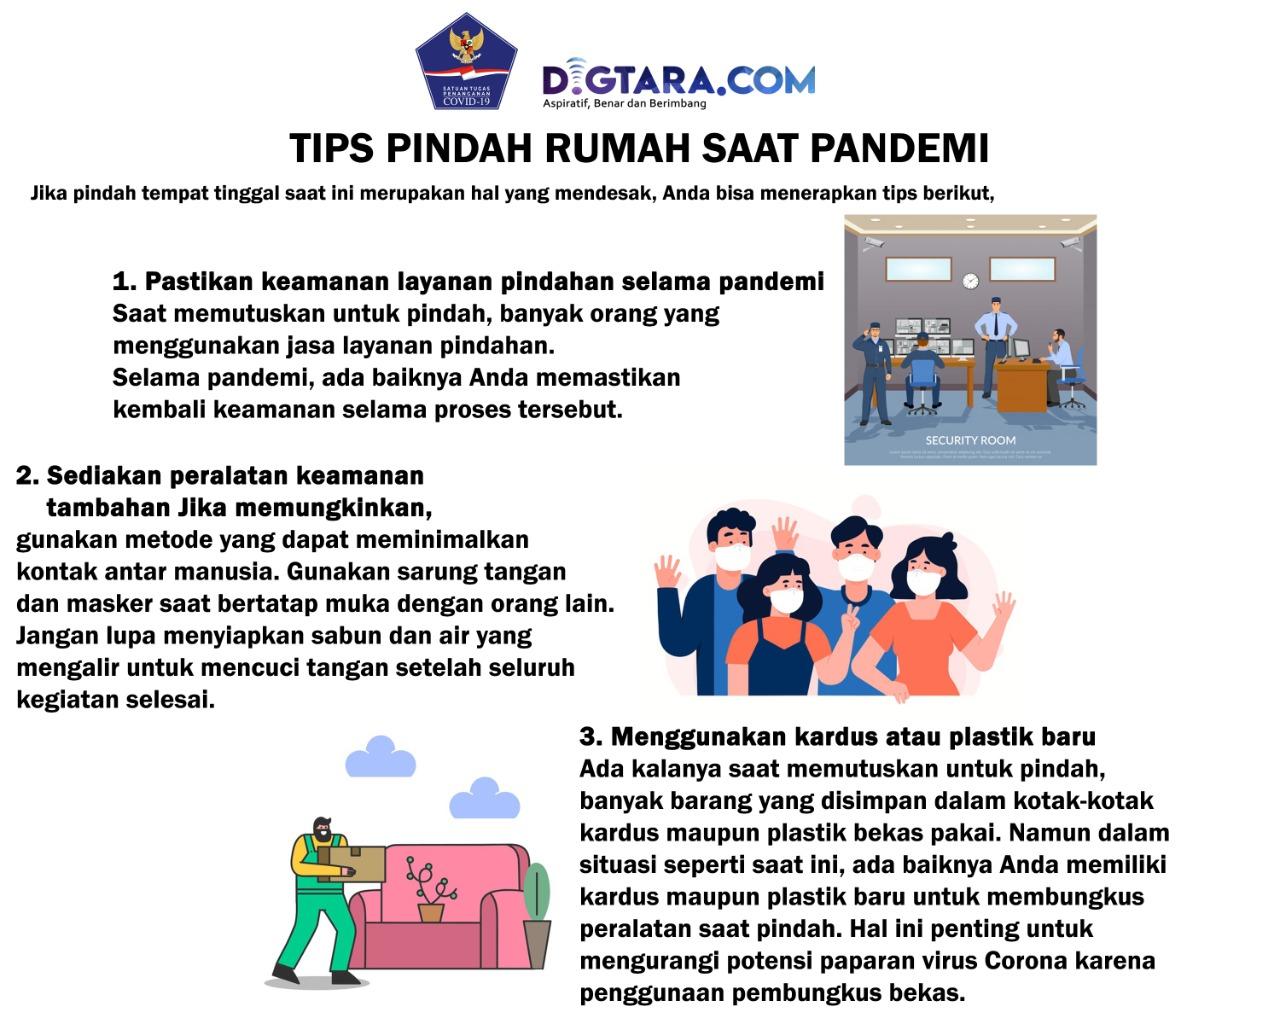 Infografis: Tips Pindah Rumah saat Pandemi